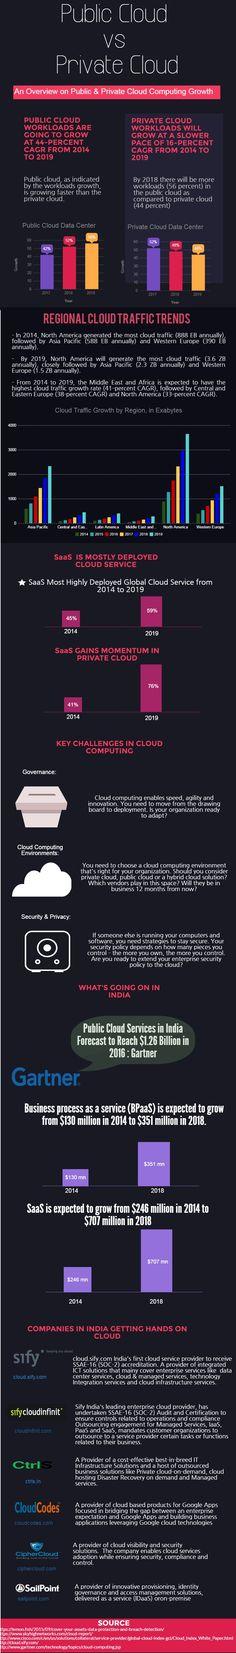 Public Cloud vs Private Cloud : Growth & Challenges.